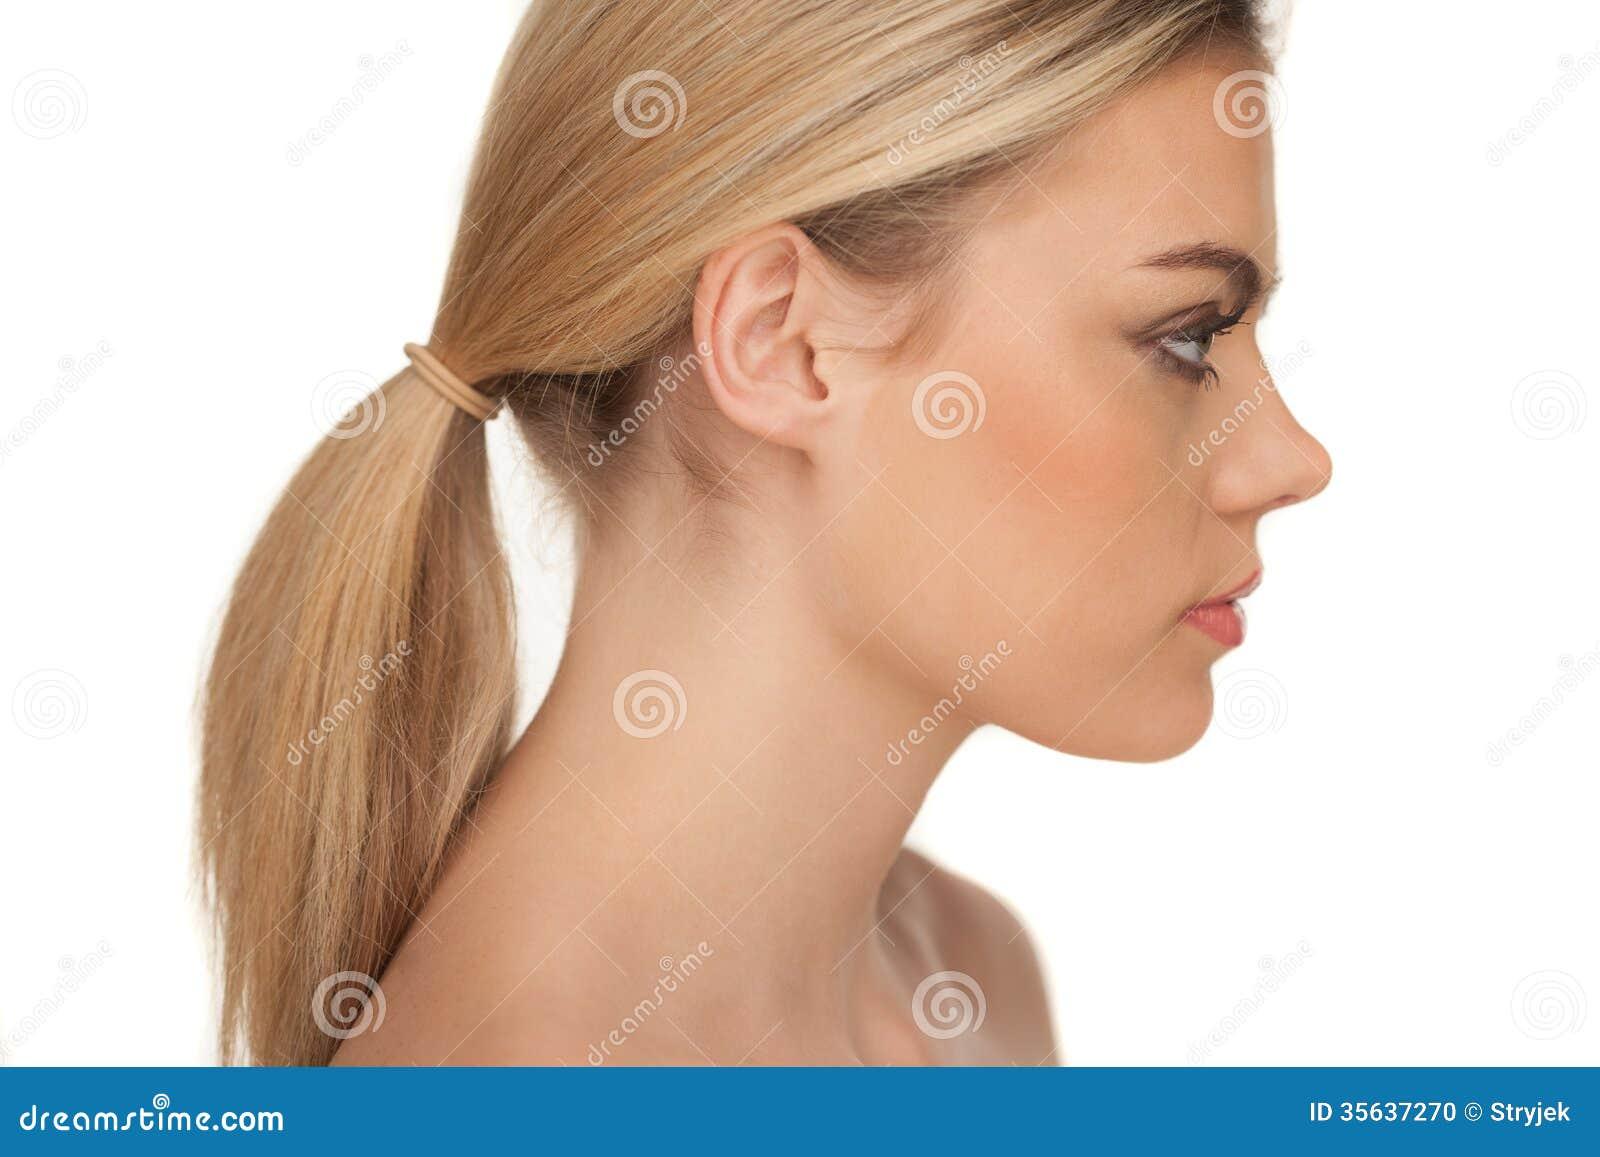 profielfoto vrouw blond